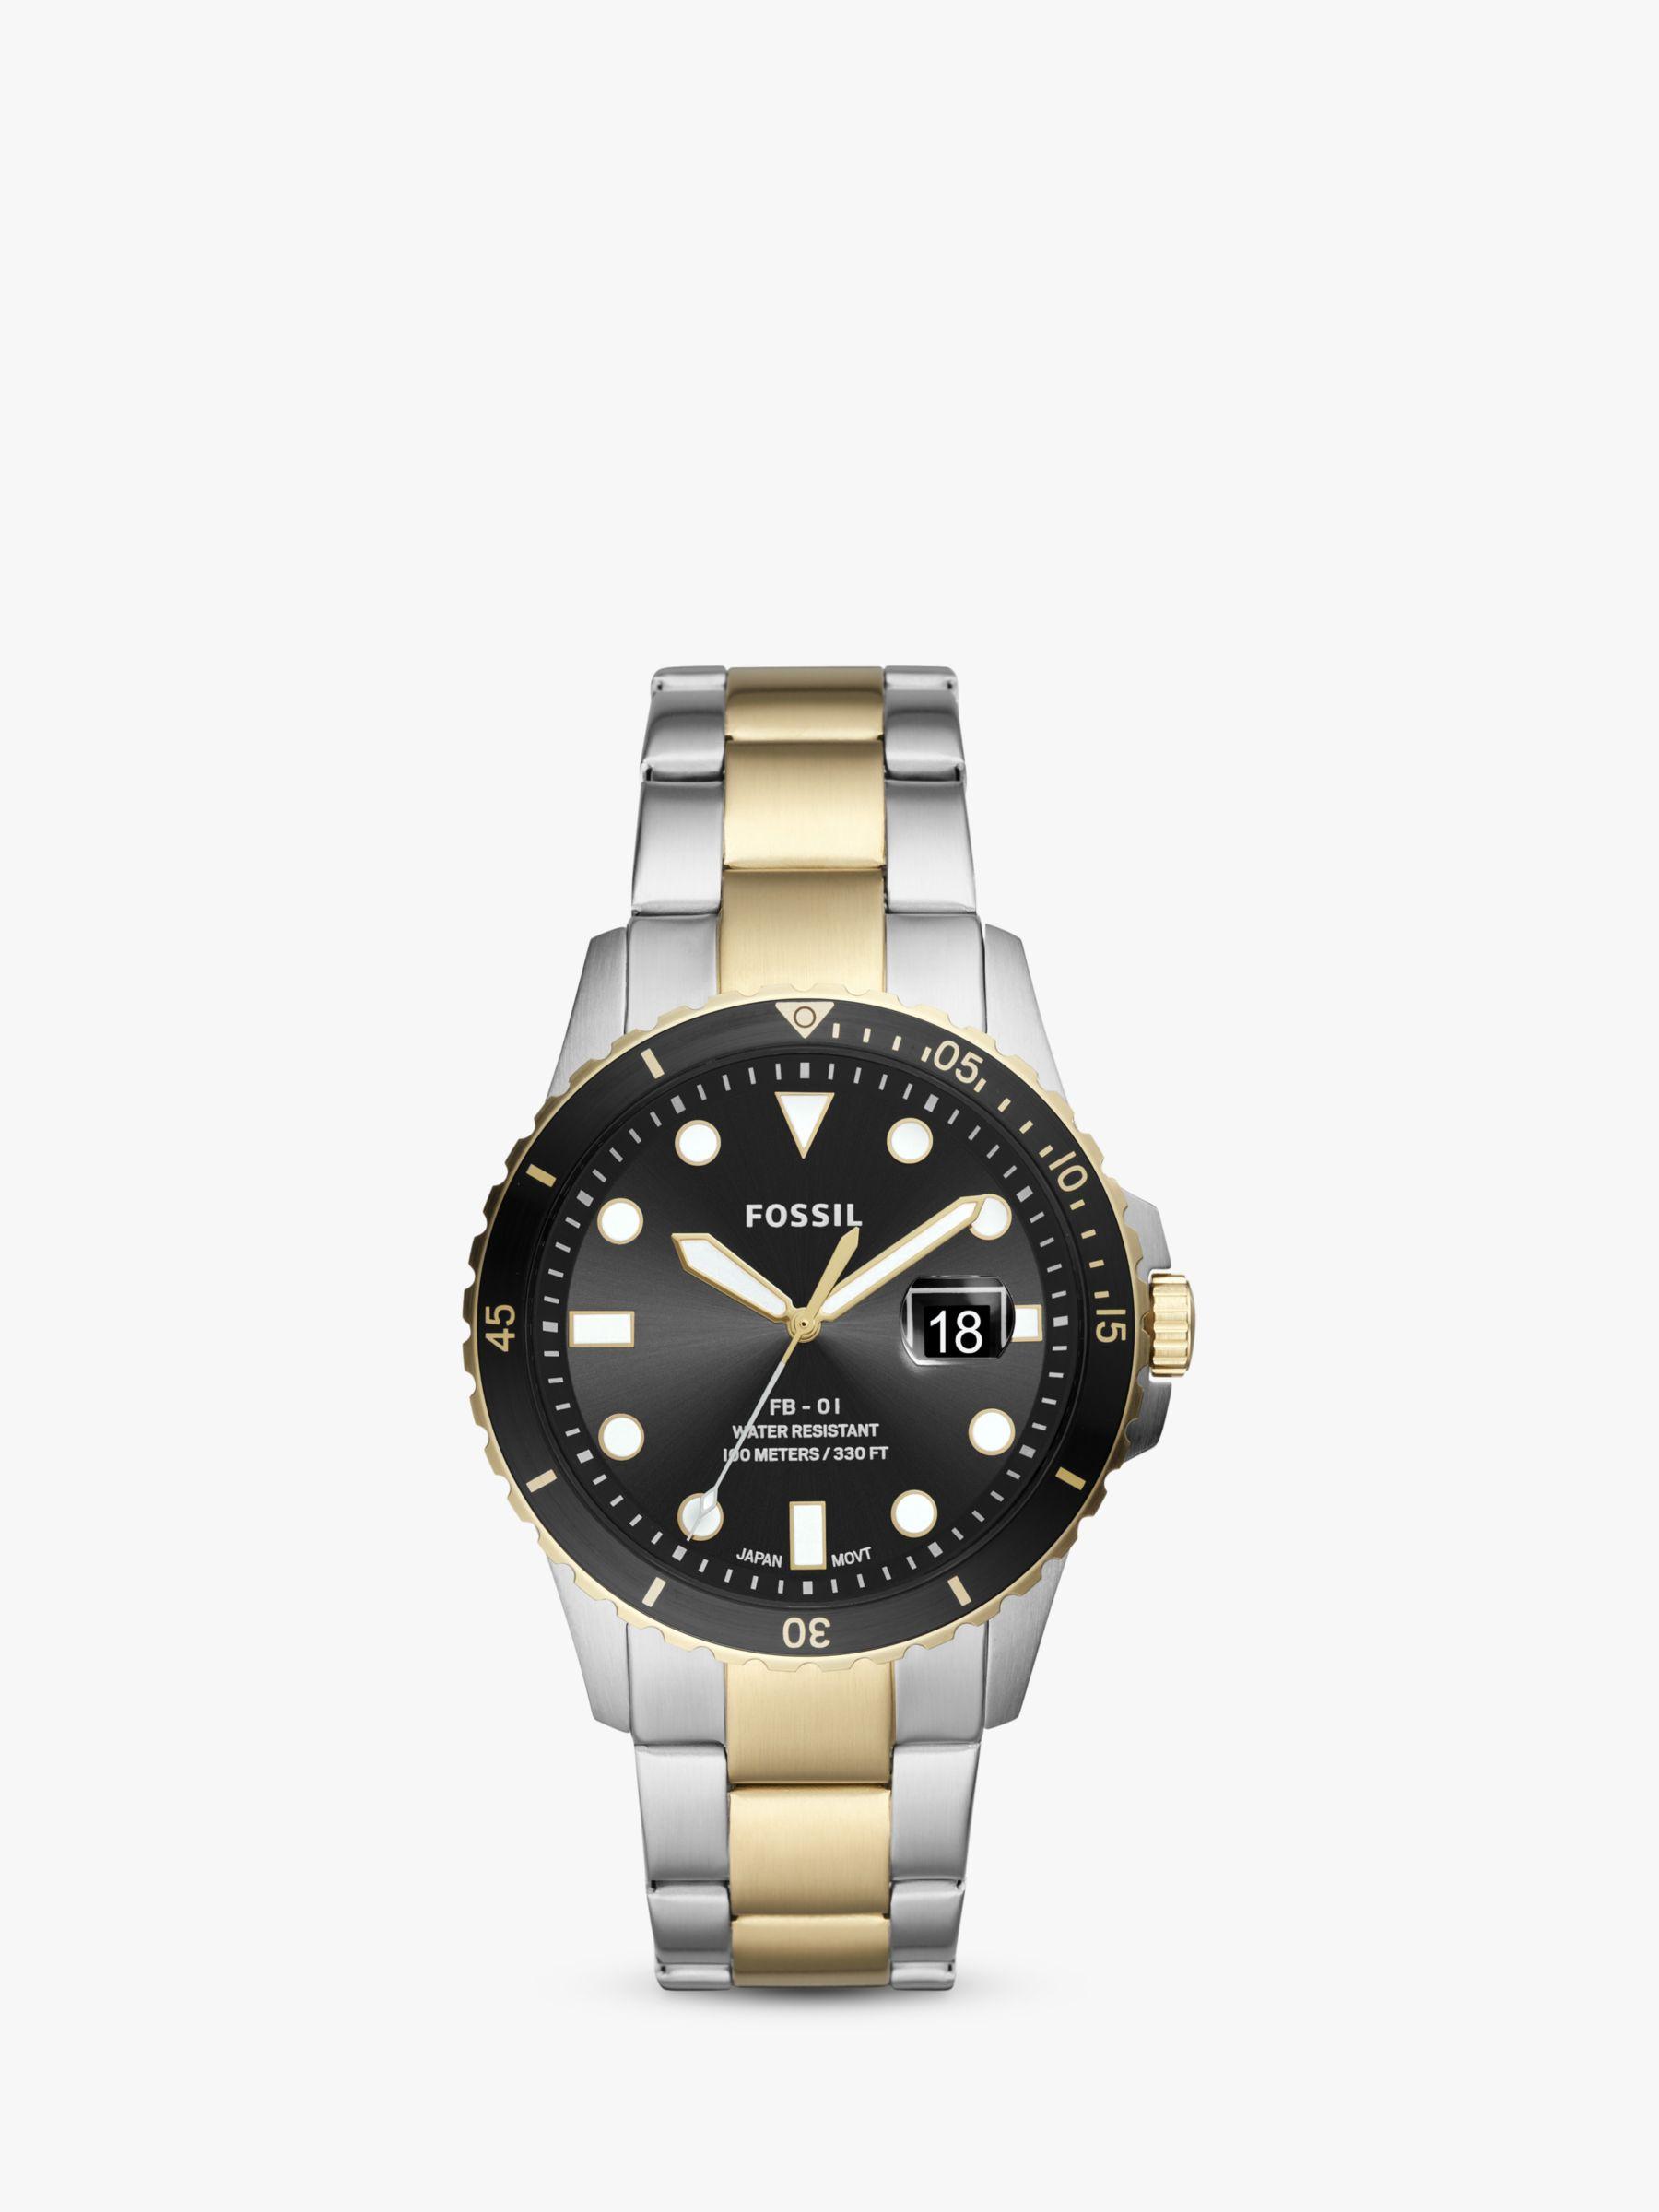 Fossil Fossil Men's FB01 Date Bracelet Strap Watch